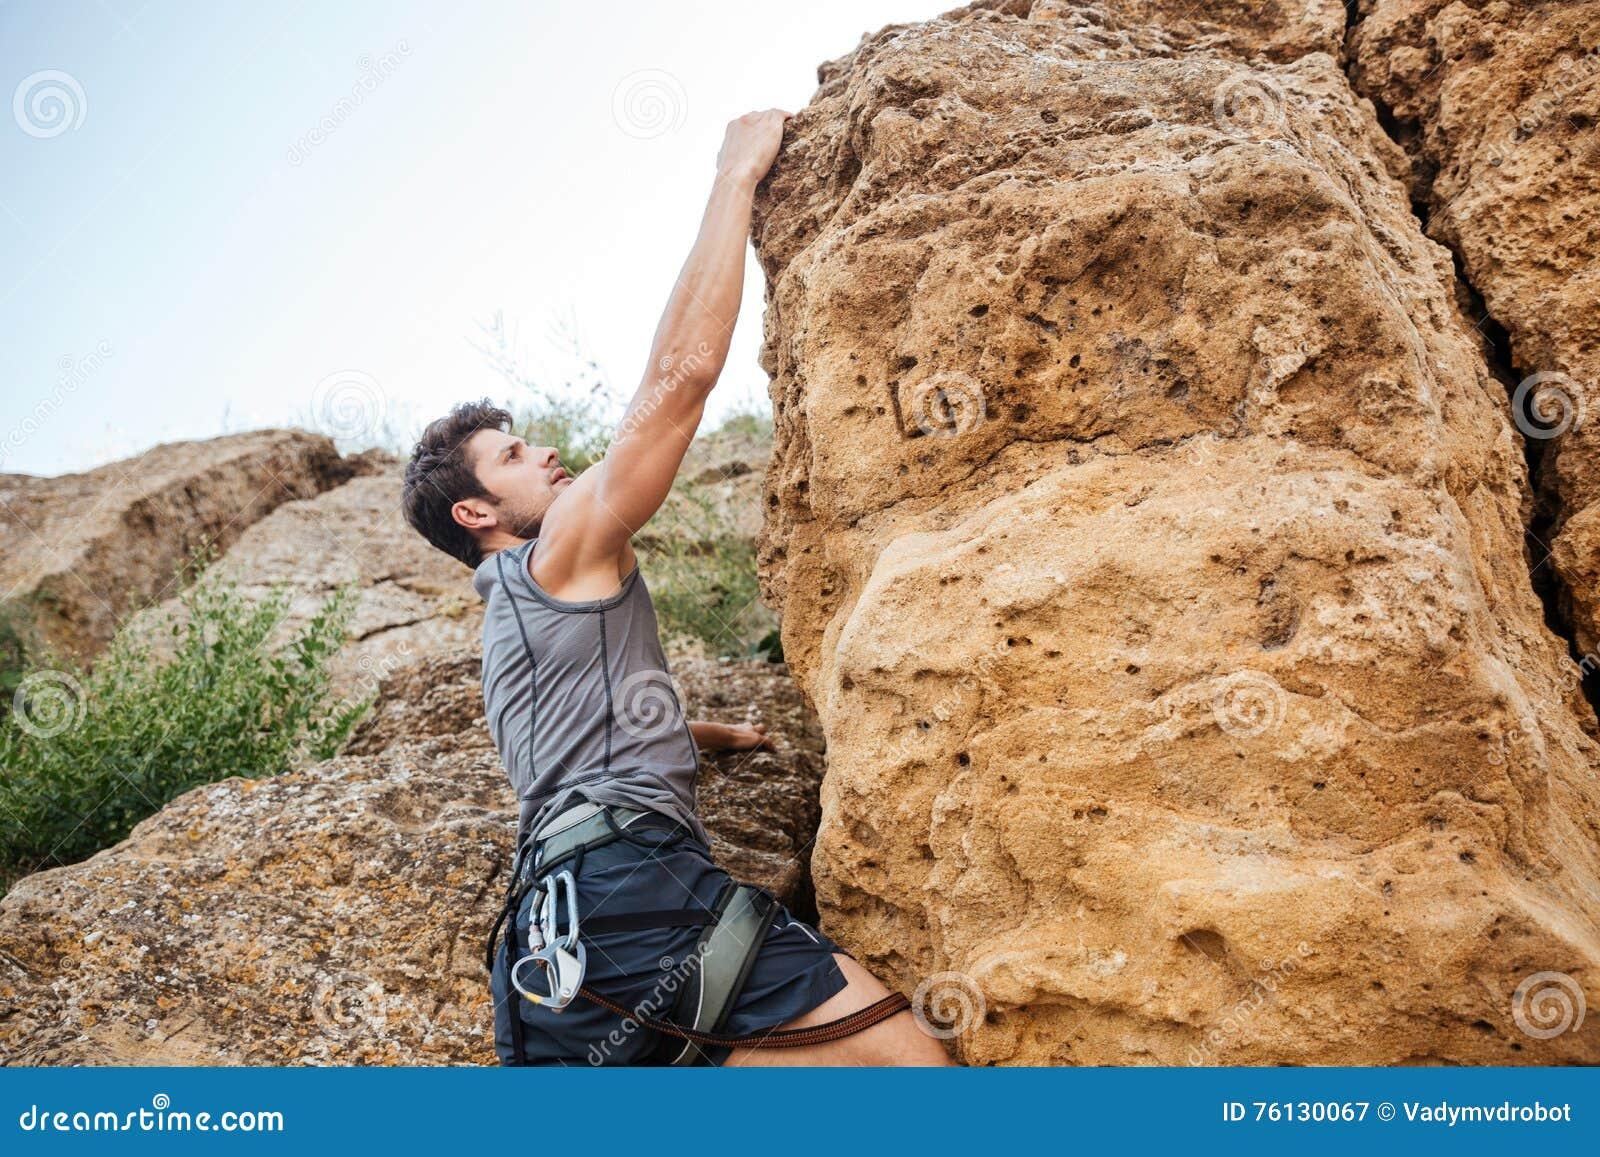 Equipe o alcance para um aperto quando balançar escaladas